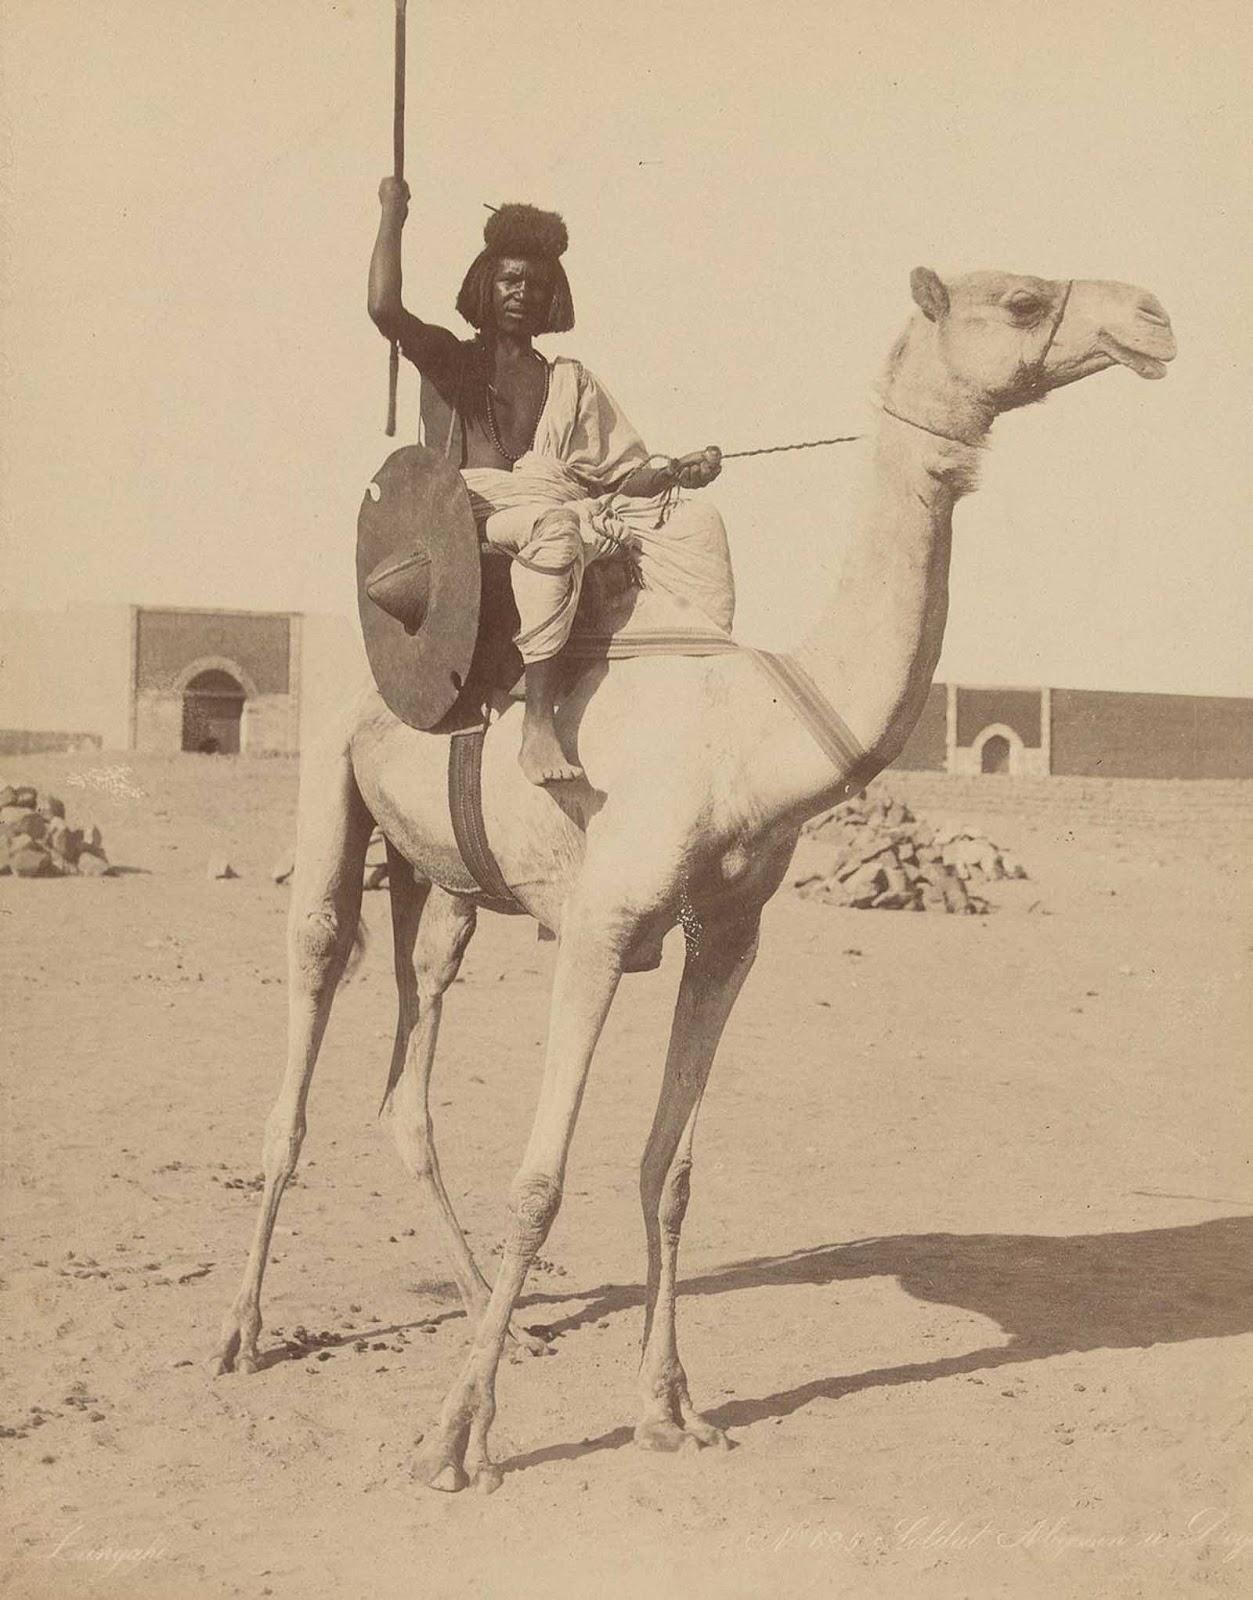 Soldado de bicharin en un camello.